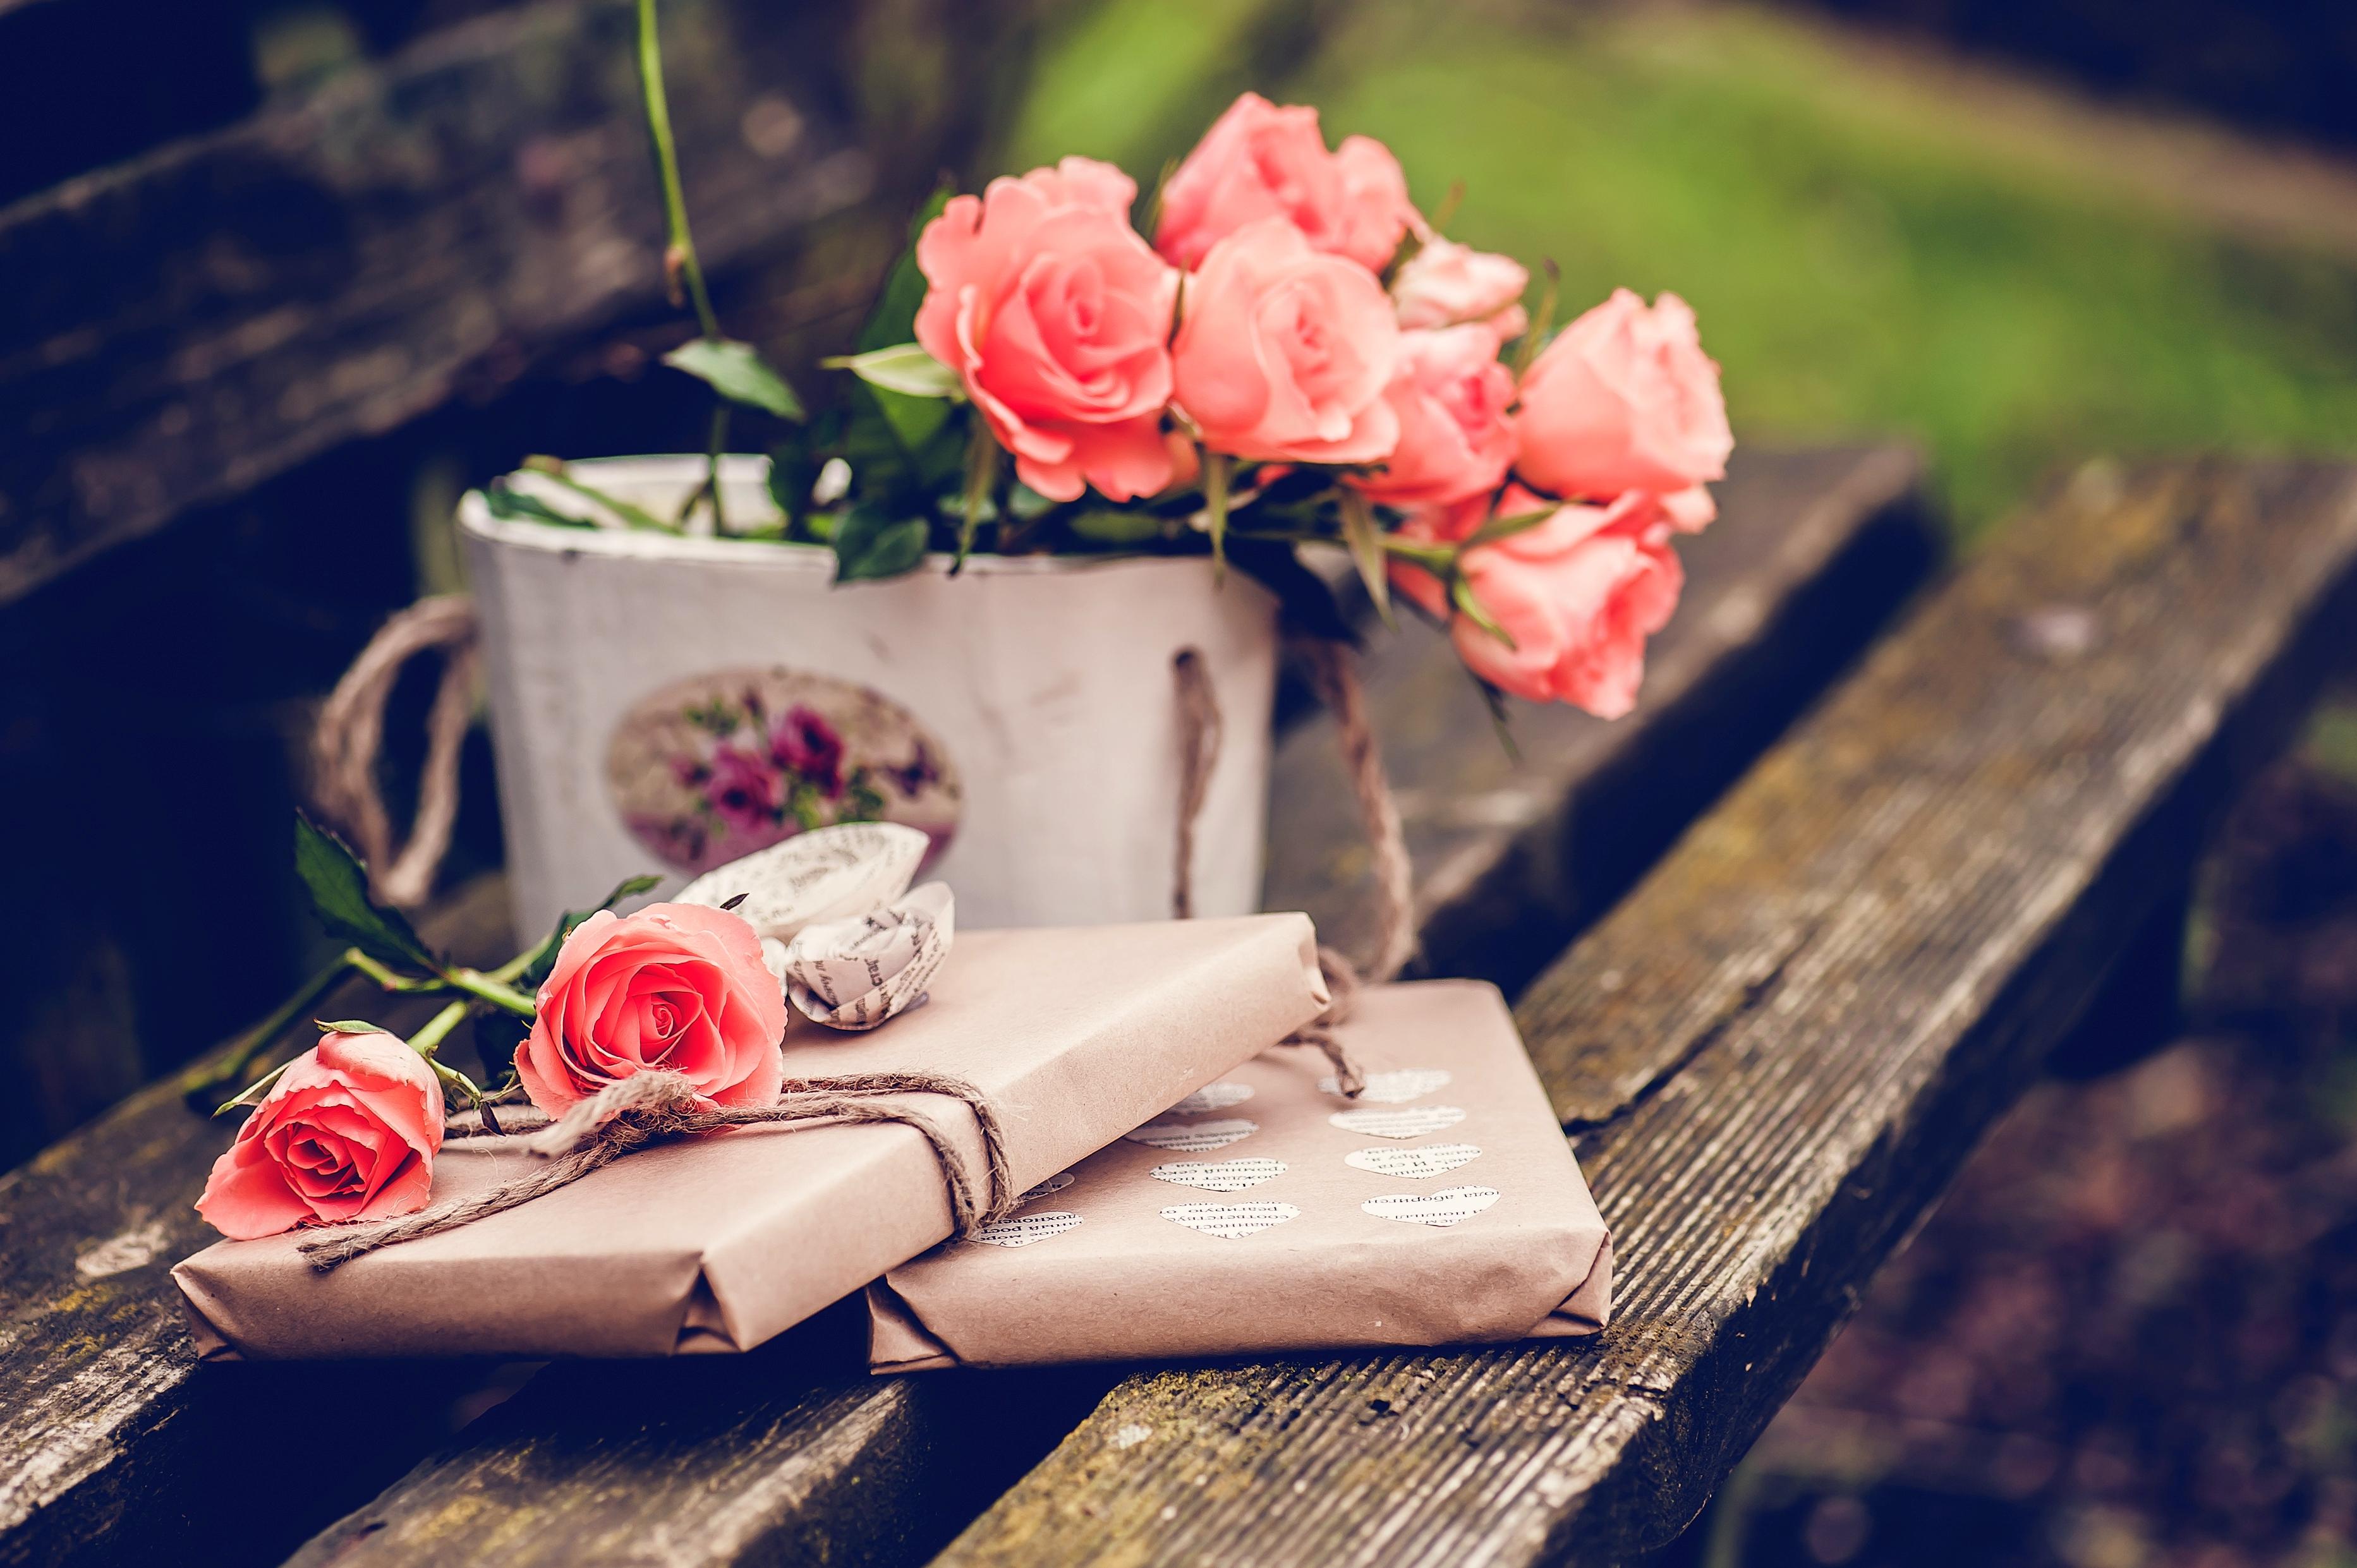 положением ванильные картинки с розами примером надежности продуманности